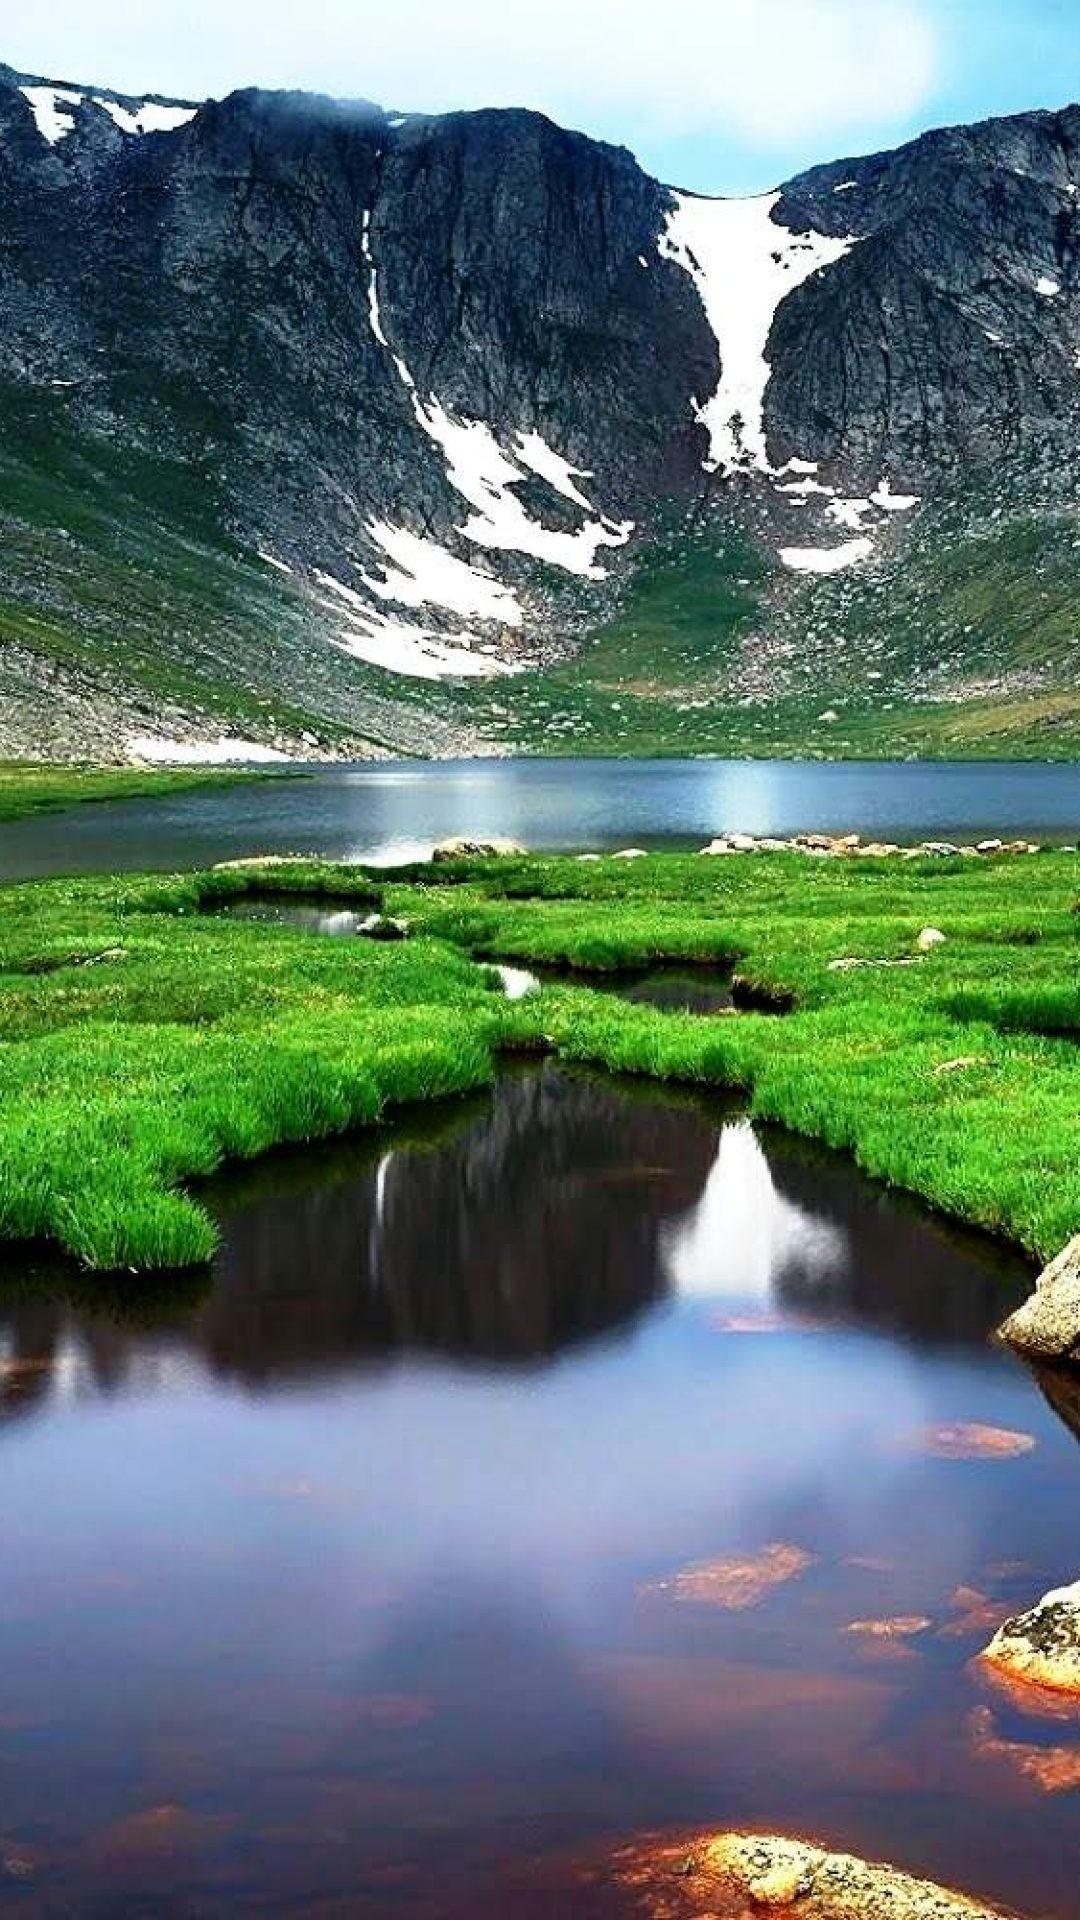 Cool And Beautiful Nature Desktop Wallpaper Image: Beautiful Nature Wallpapers IPhone 6 (69+ Images